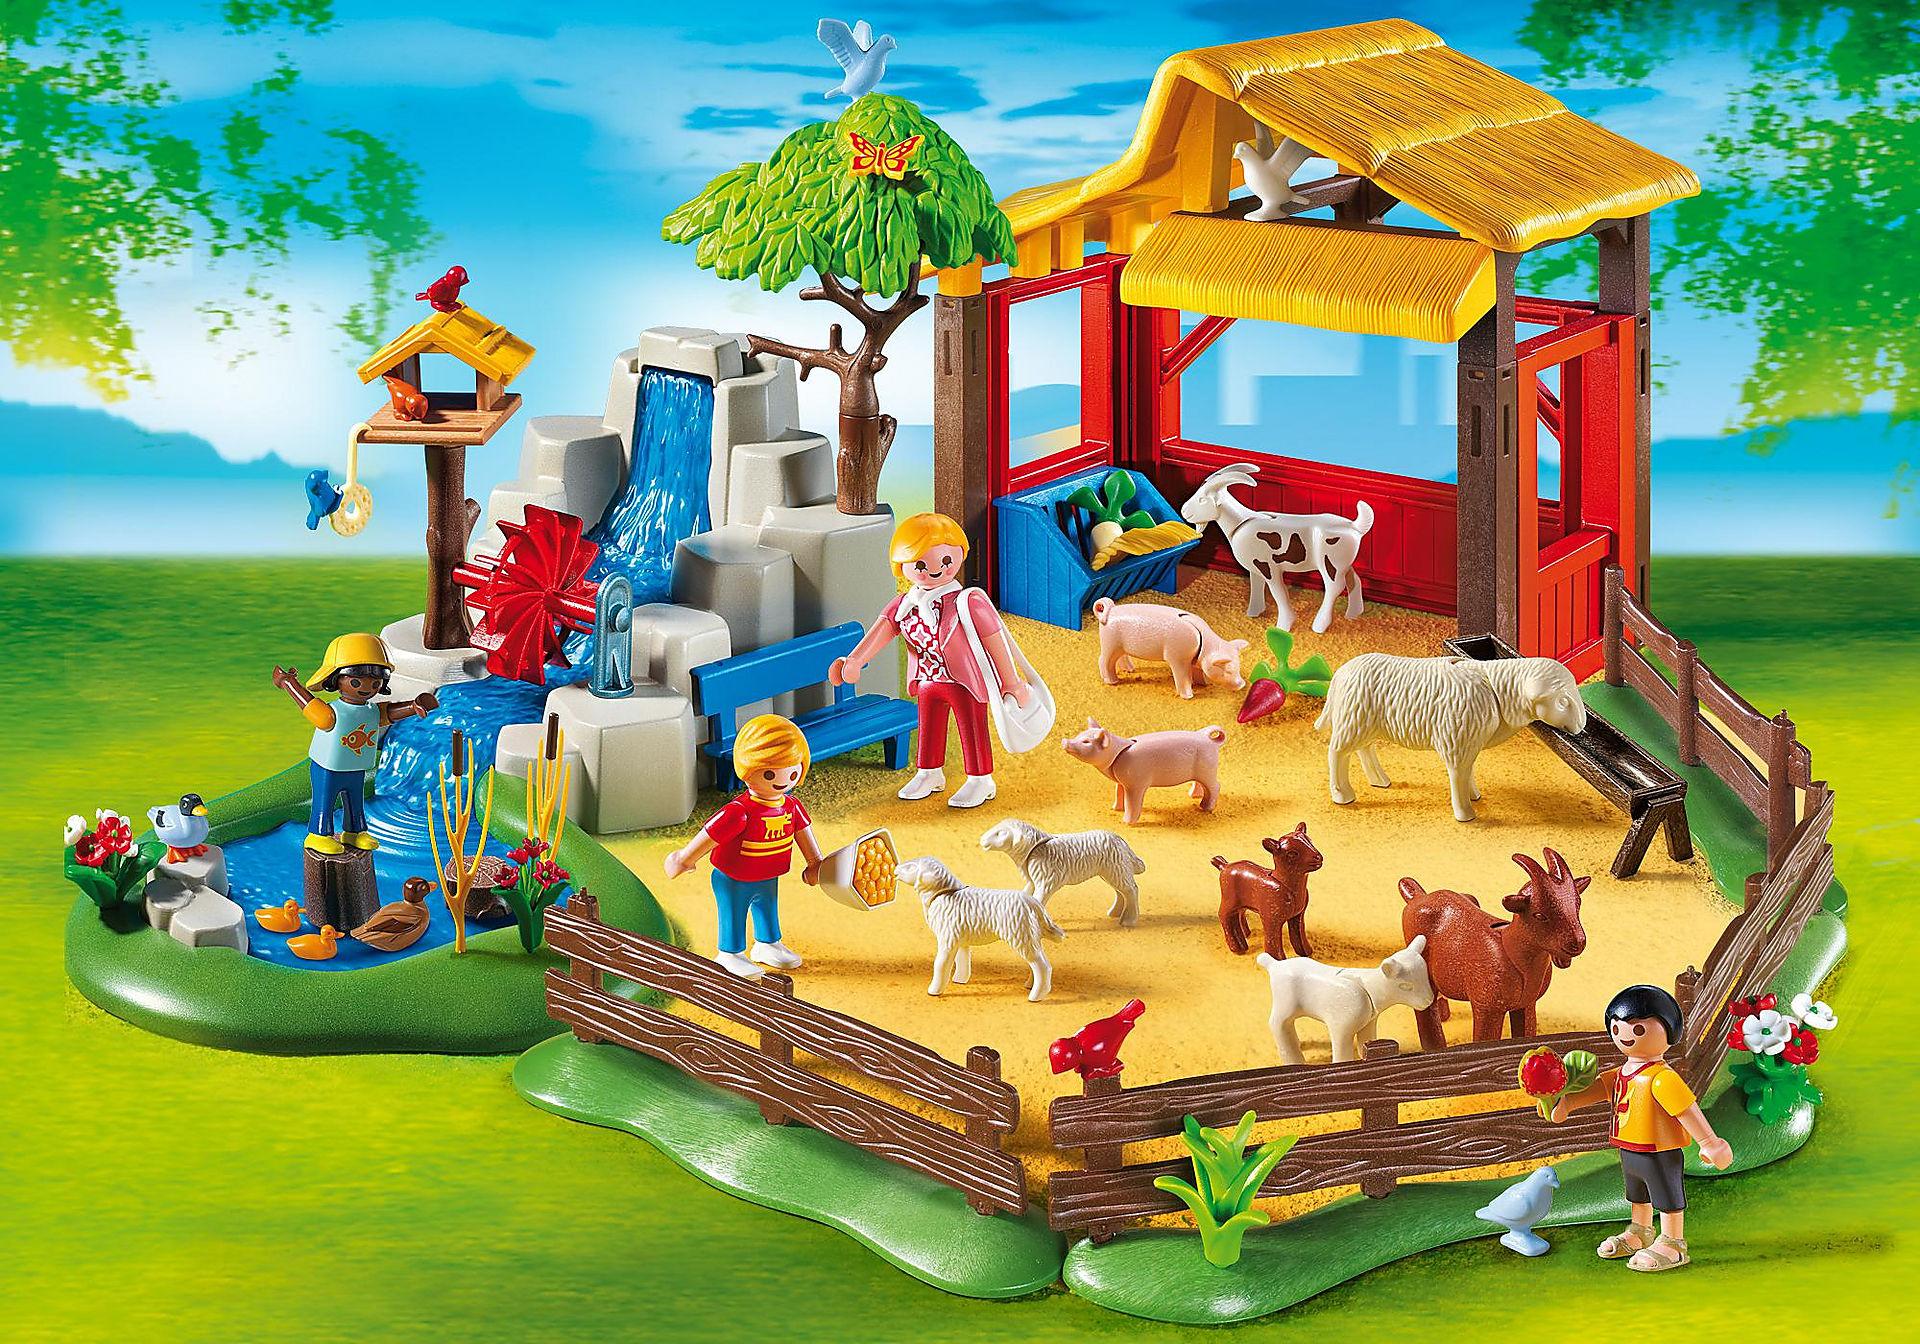 http://media.playmobil.com/i/playmobil/4851_product_detail/Zoo per i bambini